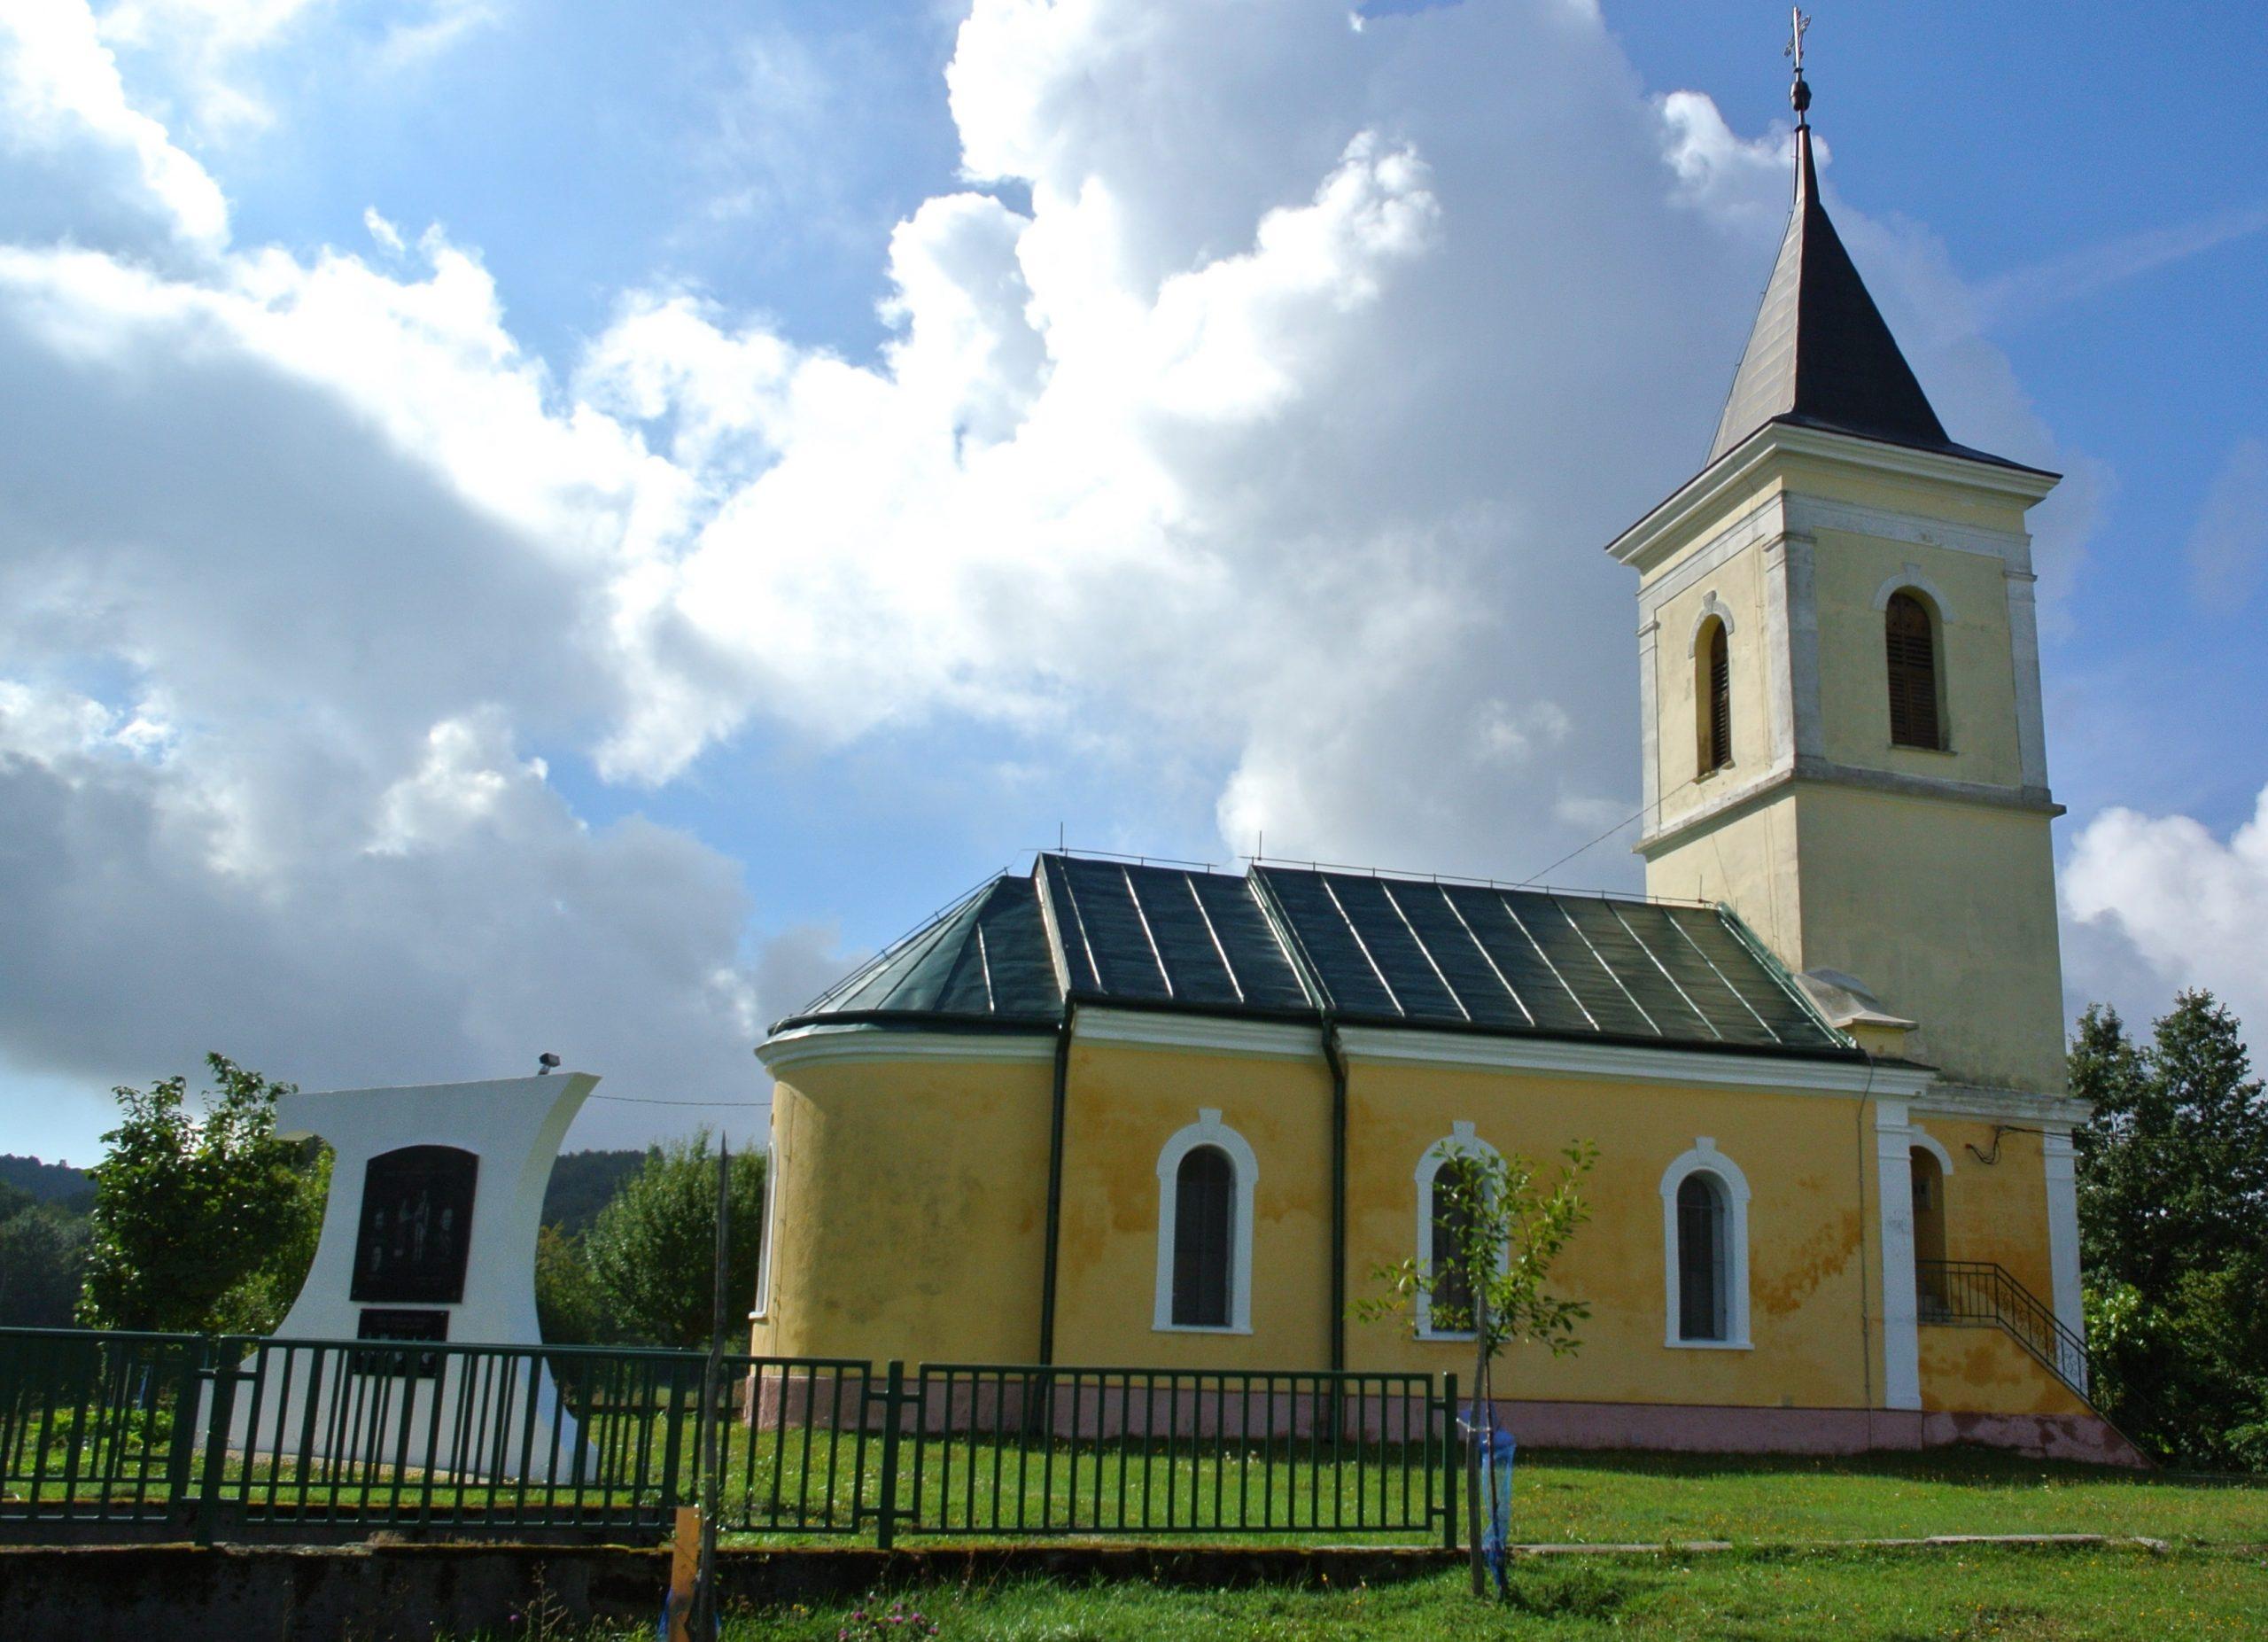 Patnja mladog svećenika dr. Ivana Šimraka započela je na Veliku srijedu 1944. godine